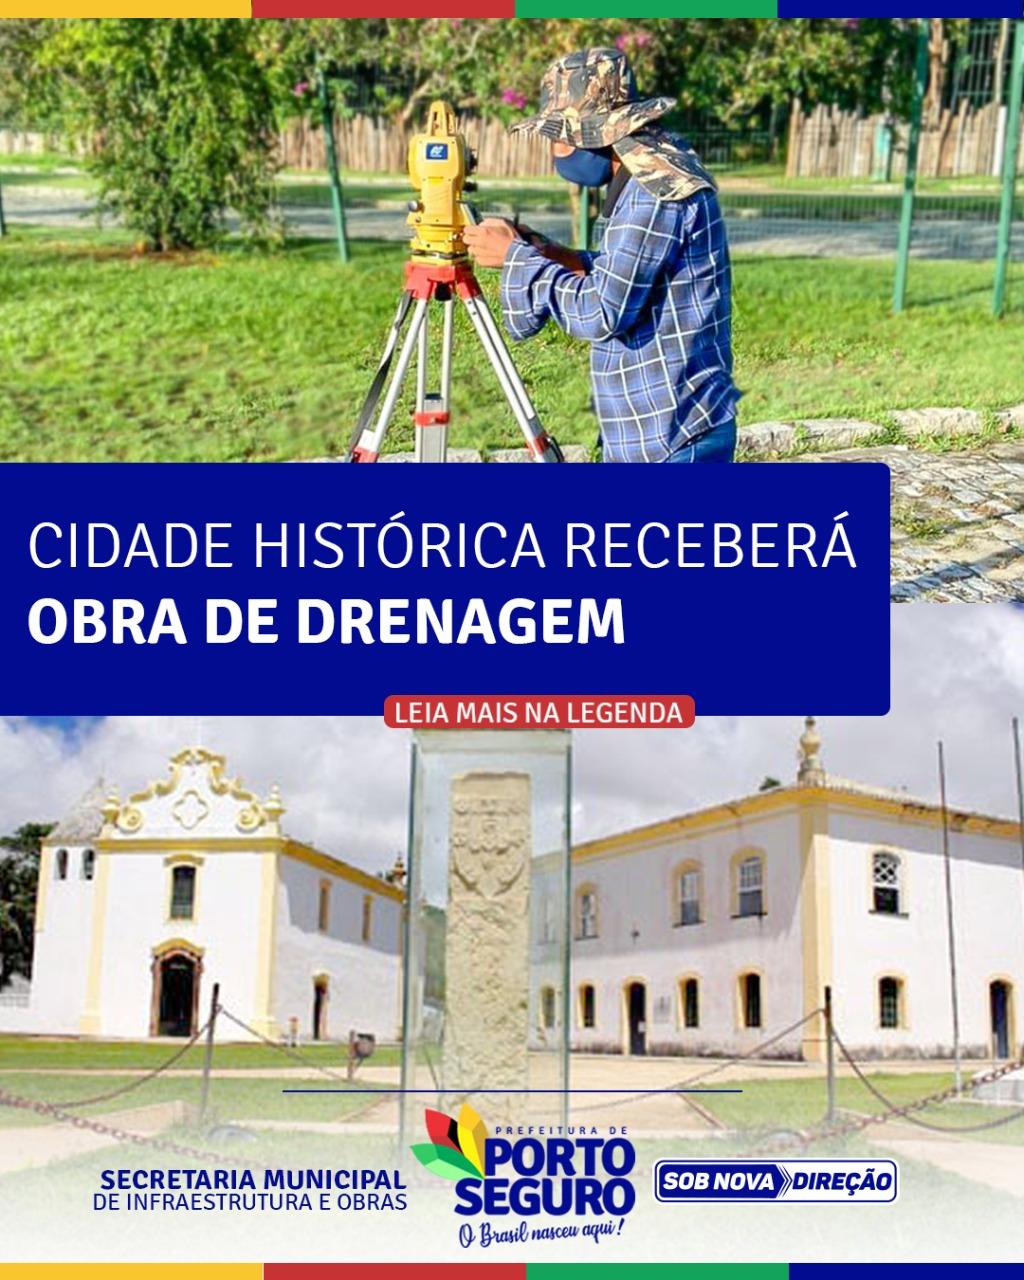 Porto Seguro: Cidade Histórica Receberá Obra de Drenagem 18